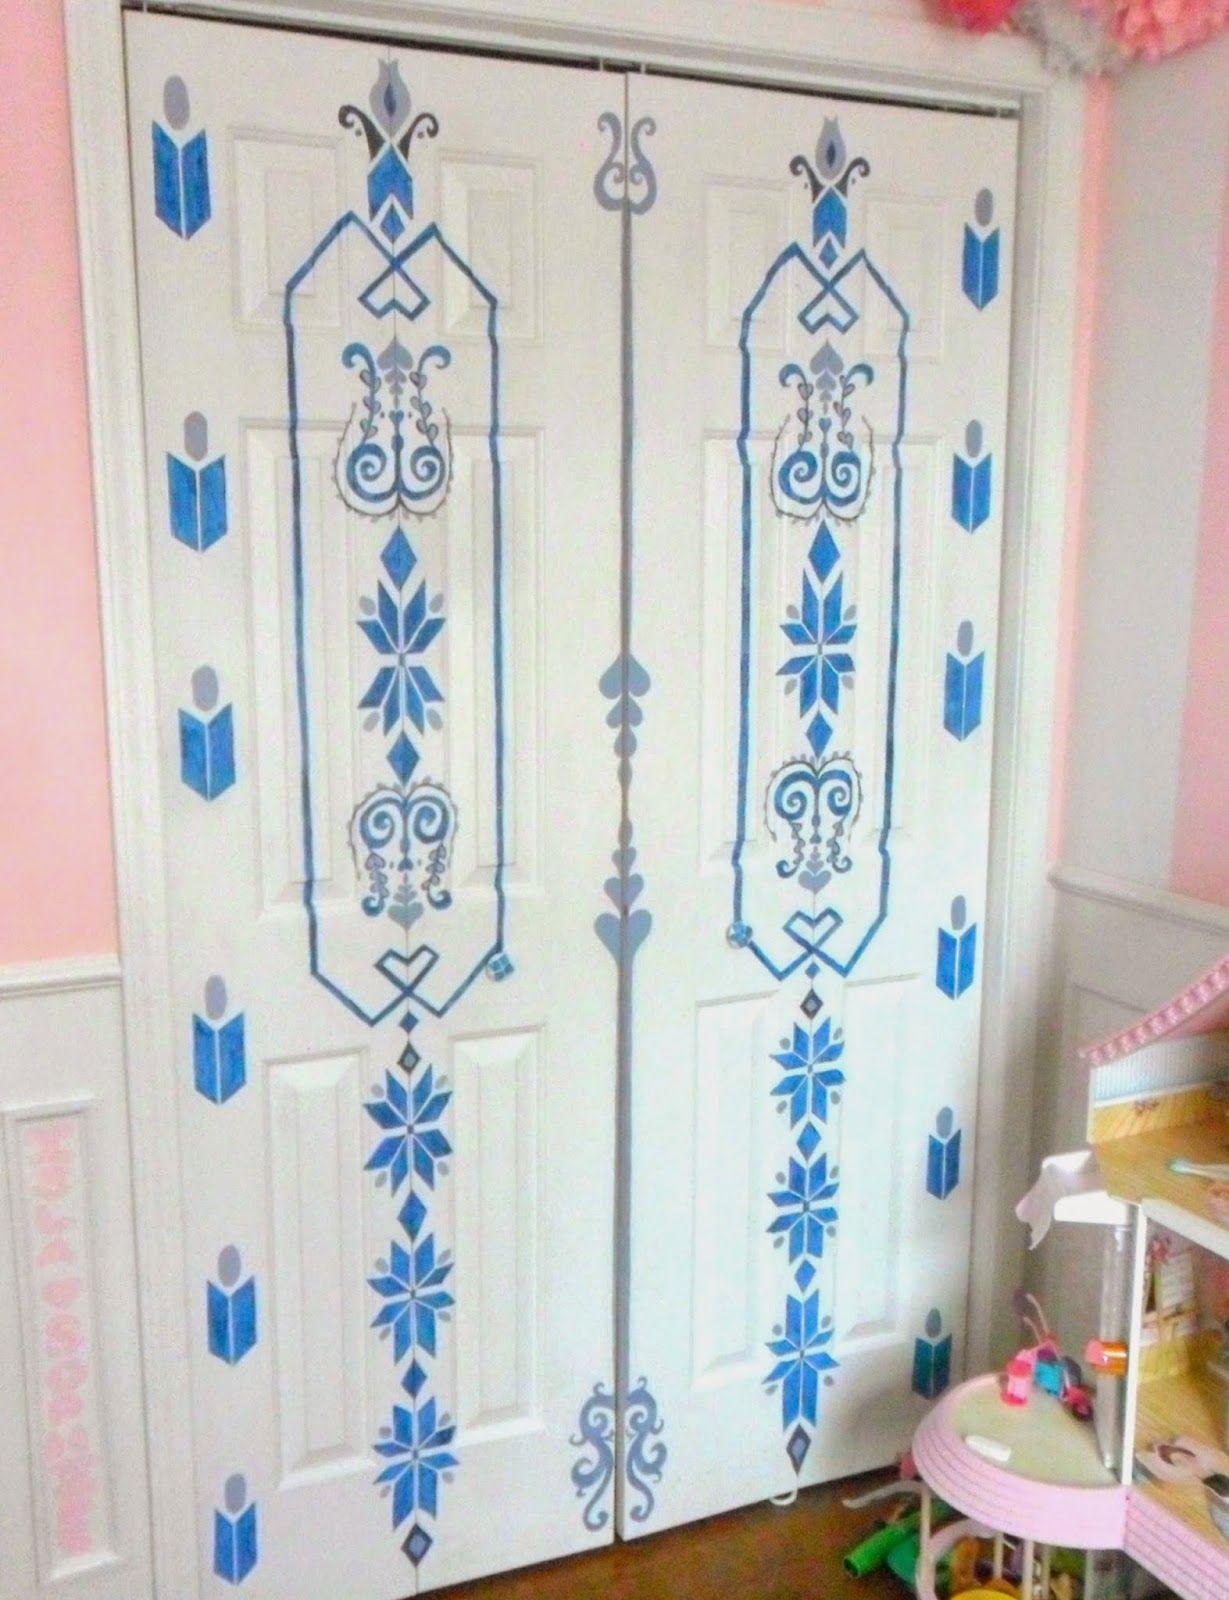 Frozen inspired bedroom - Love This Frozen Inspired Painted Door Of Elsa S Bedroom Door With Instructions Closet Doors Are